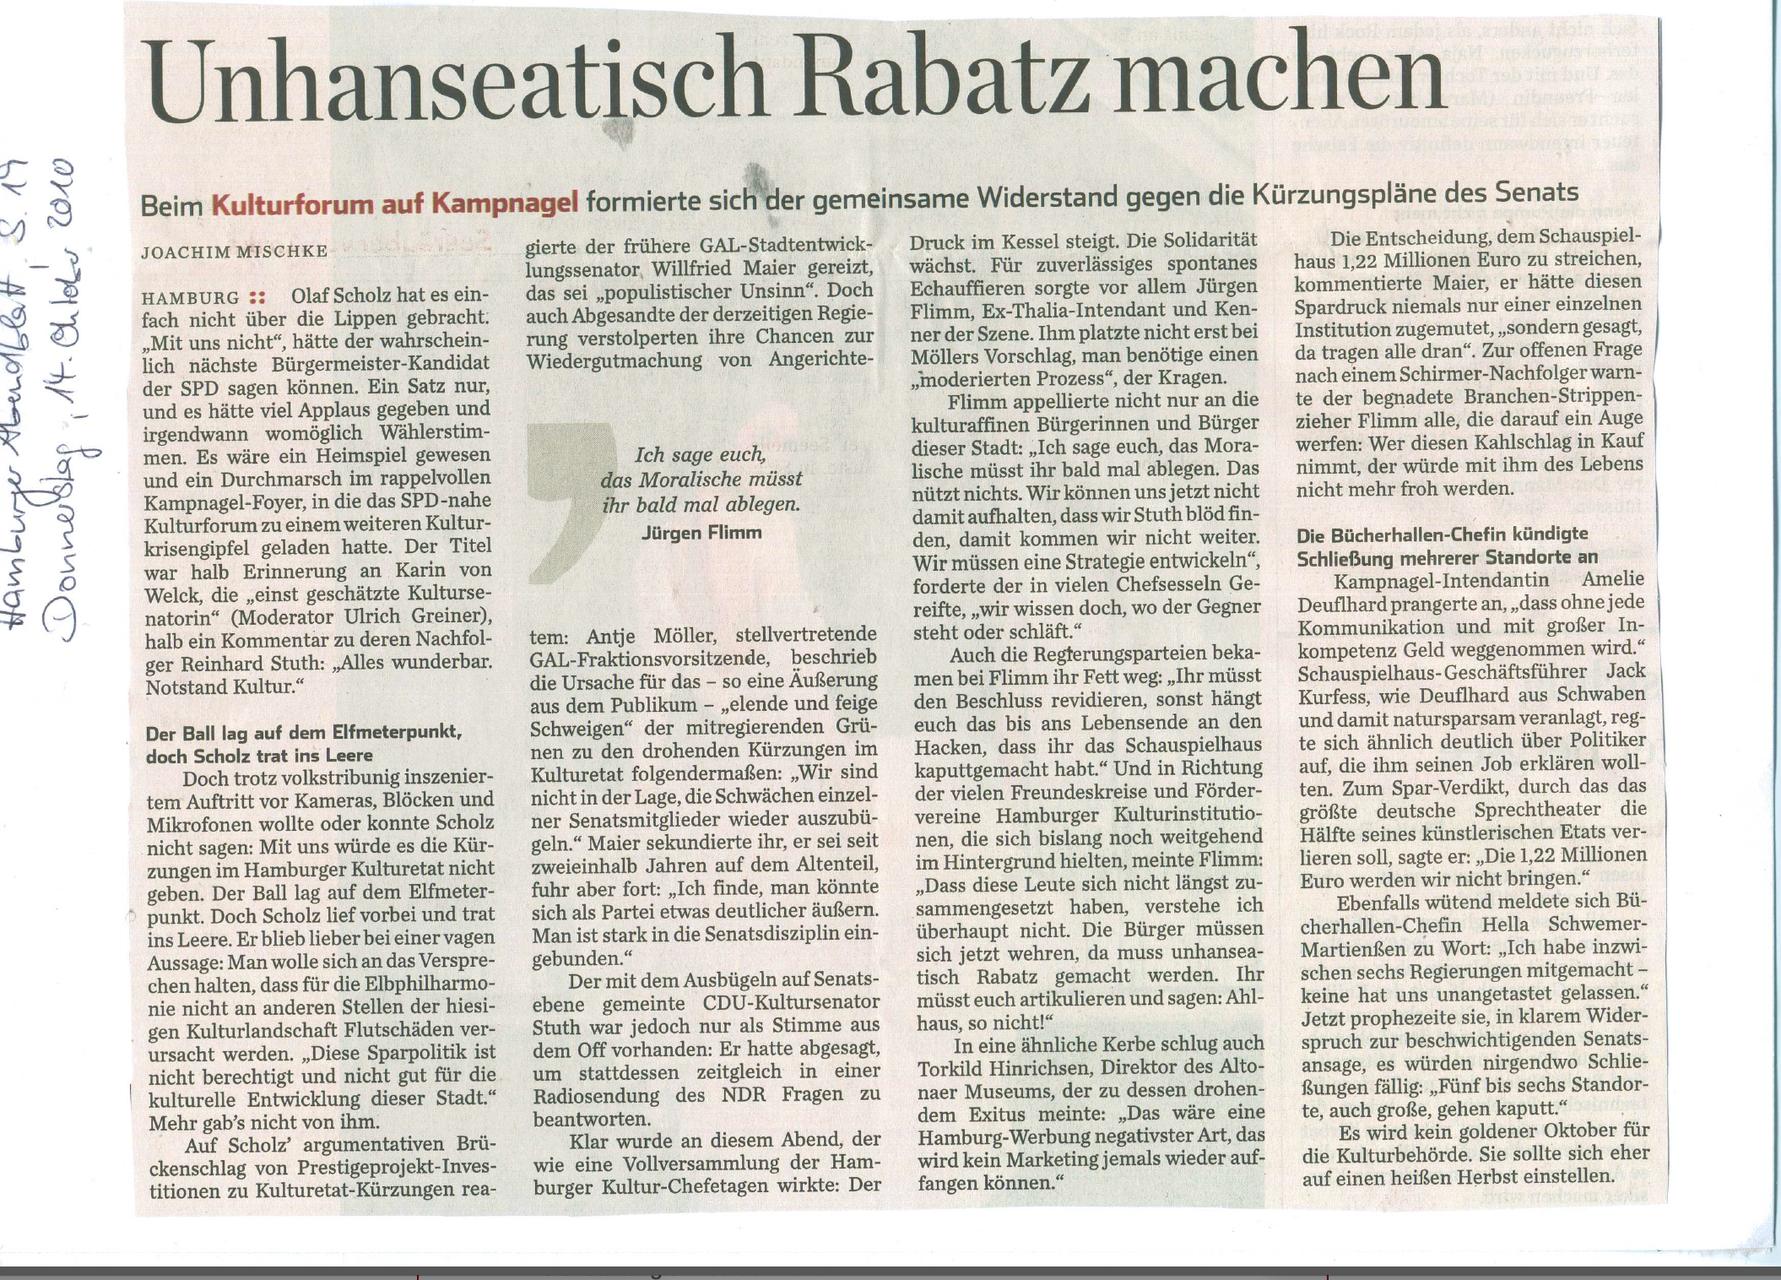 Hamburger Abendblatt, 14. Oktober 2010